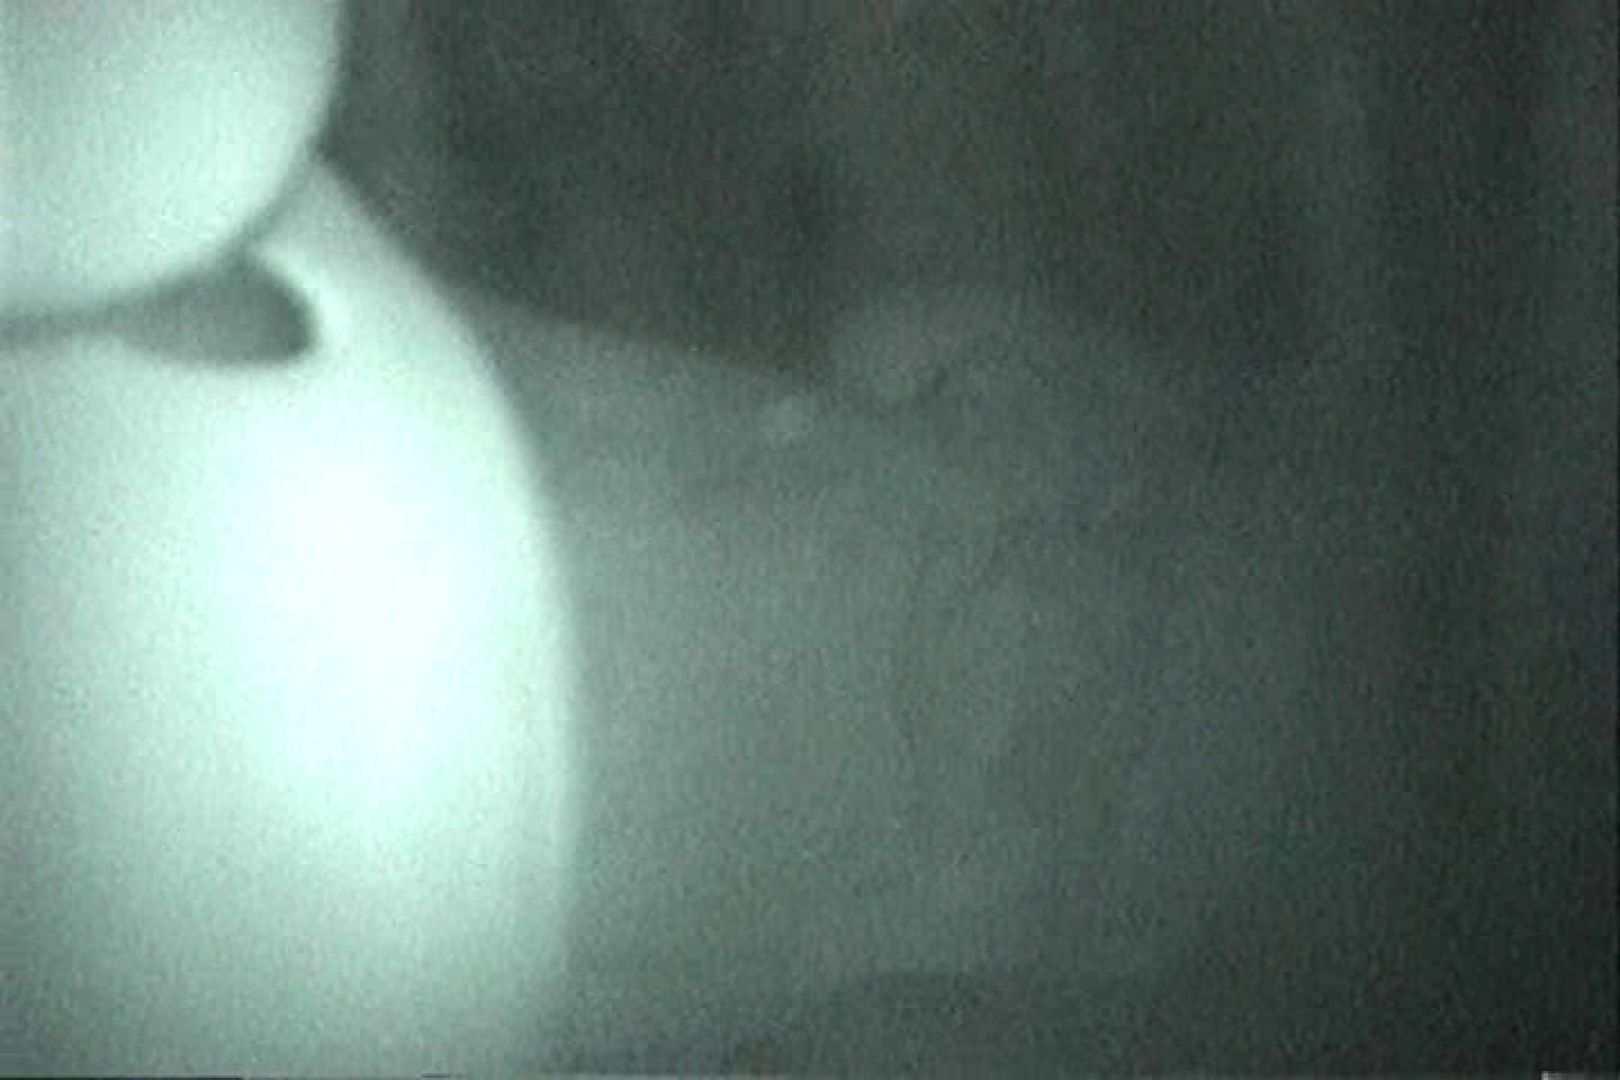 充血監督の深夜の運動会Vol.157 OLセックス   車  109画像 55